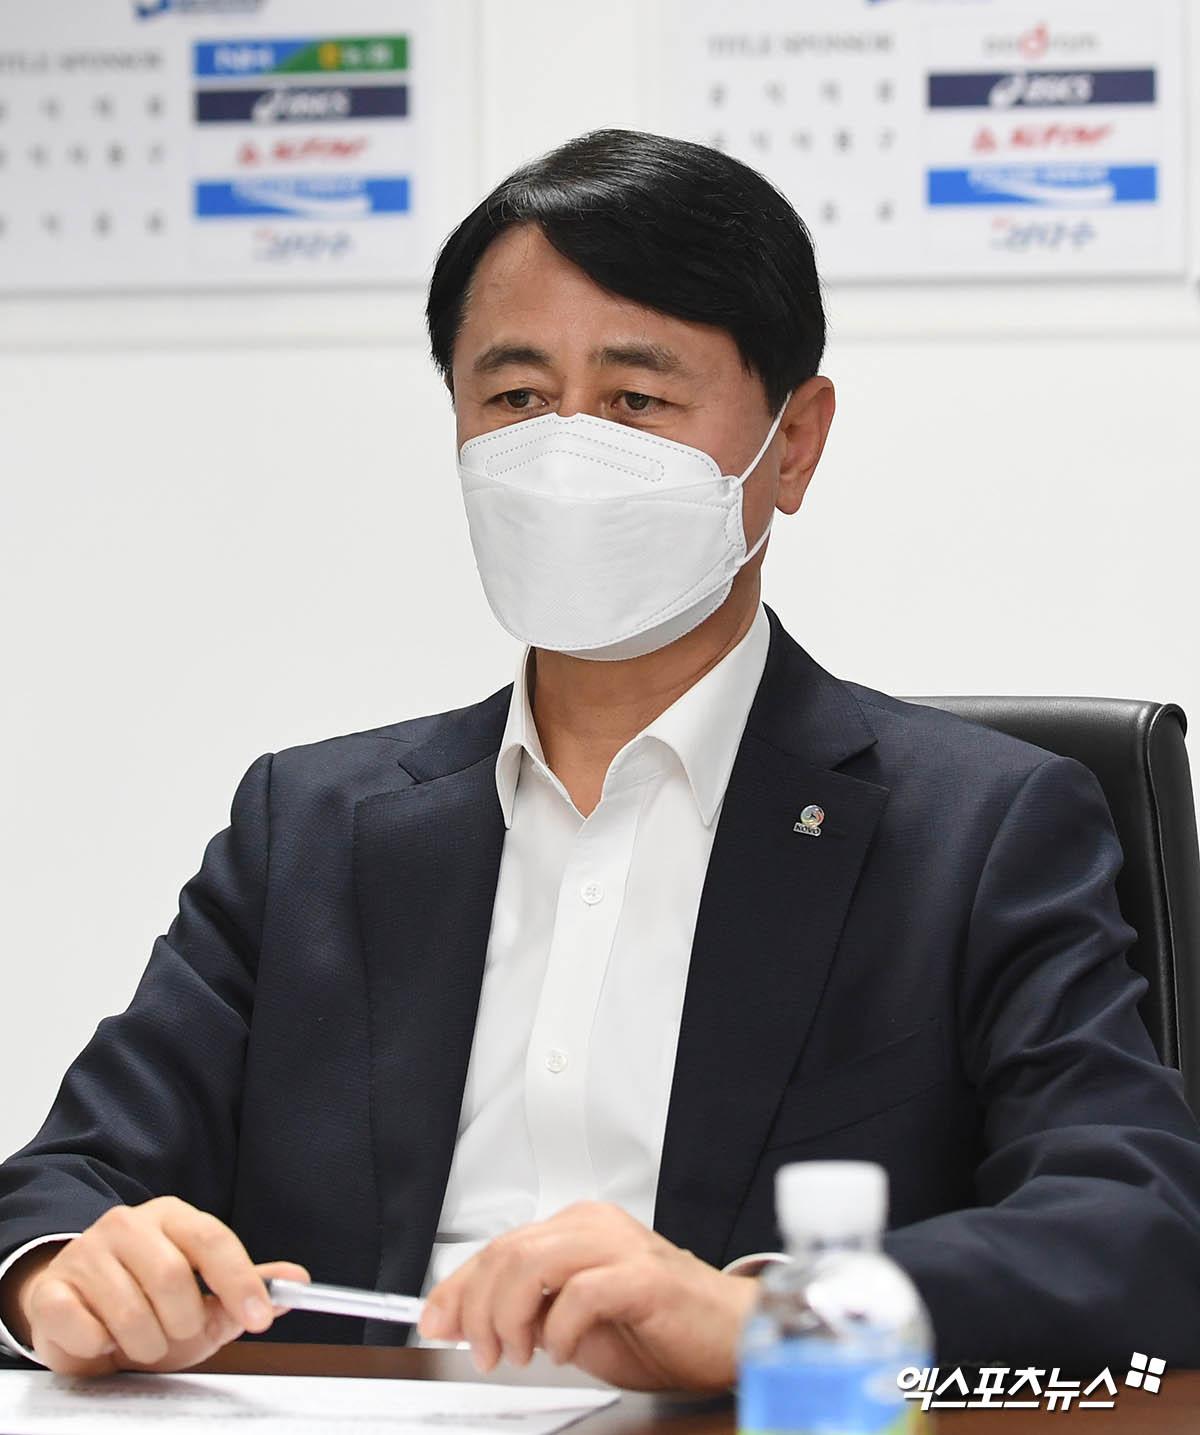 무거운 표정의 신무철 한국배구연맹 사무총장[포토]